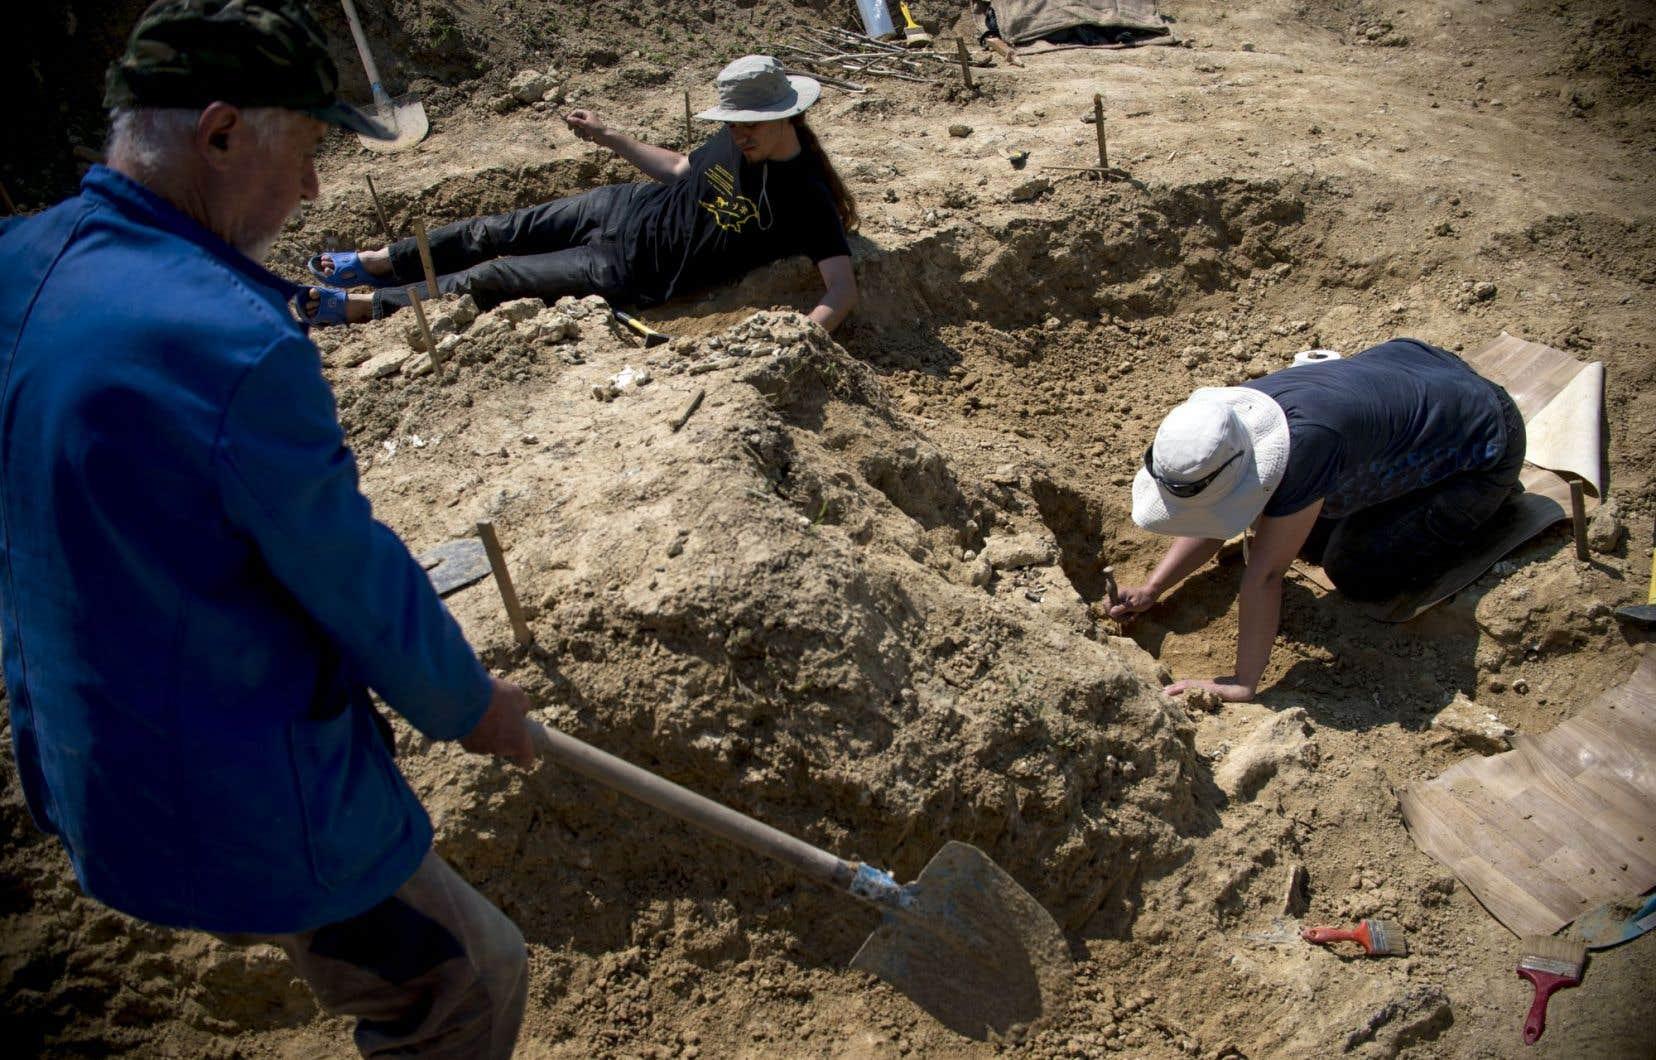 Des paléontologues travaillent près du site où une dent fossilisée à trois racines a été trouvée en 2002, près du village de Rupkite, dans le centre de la Bulgarie.